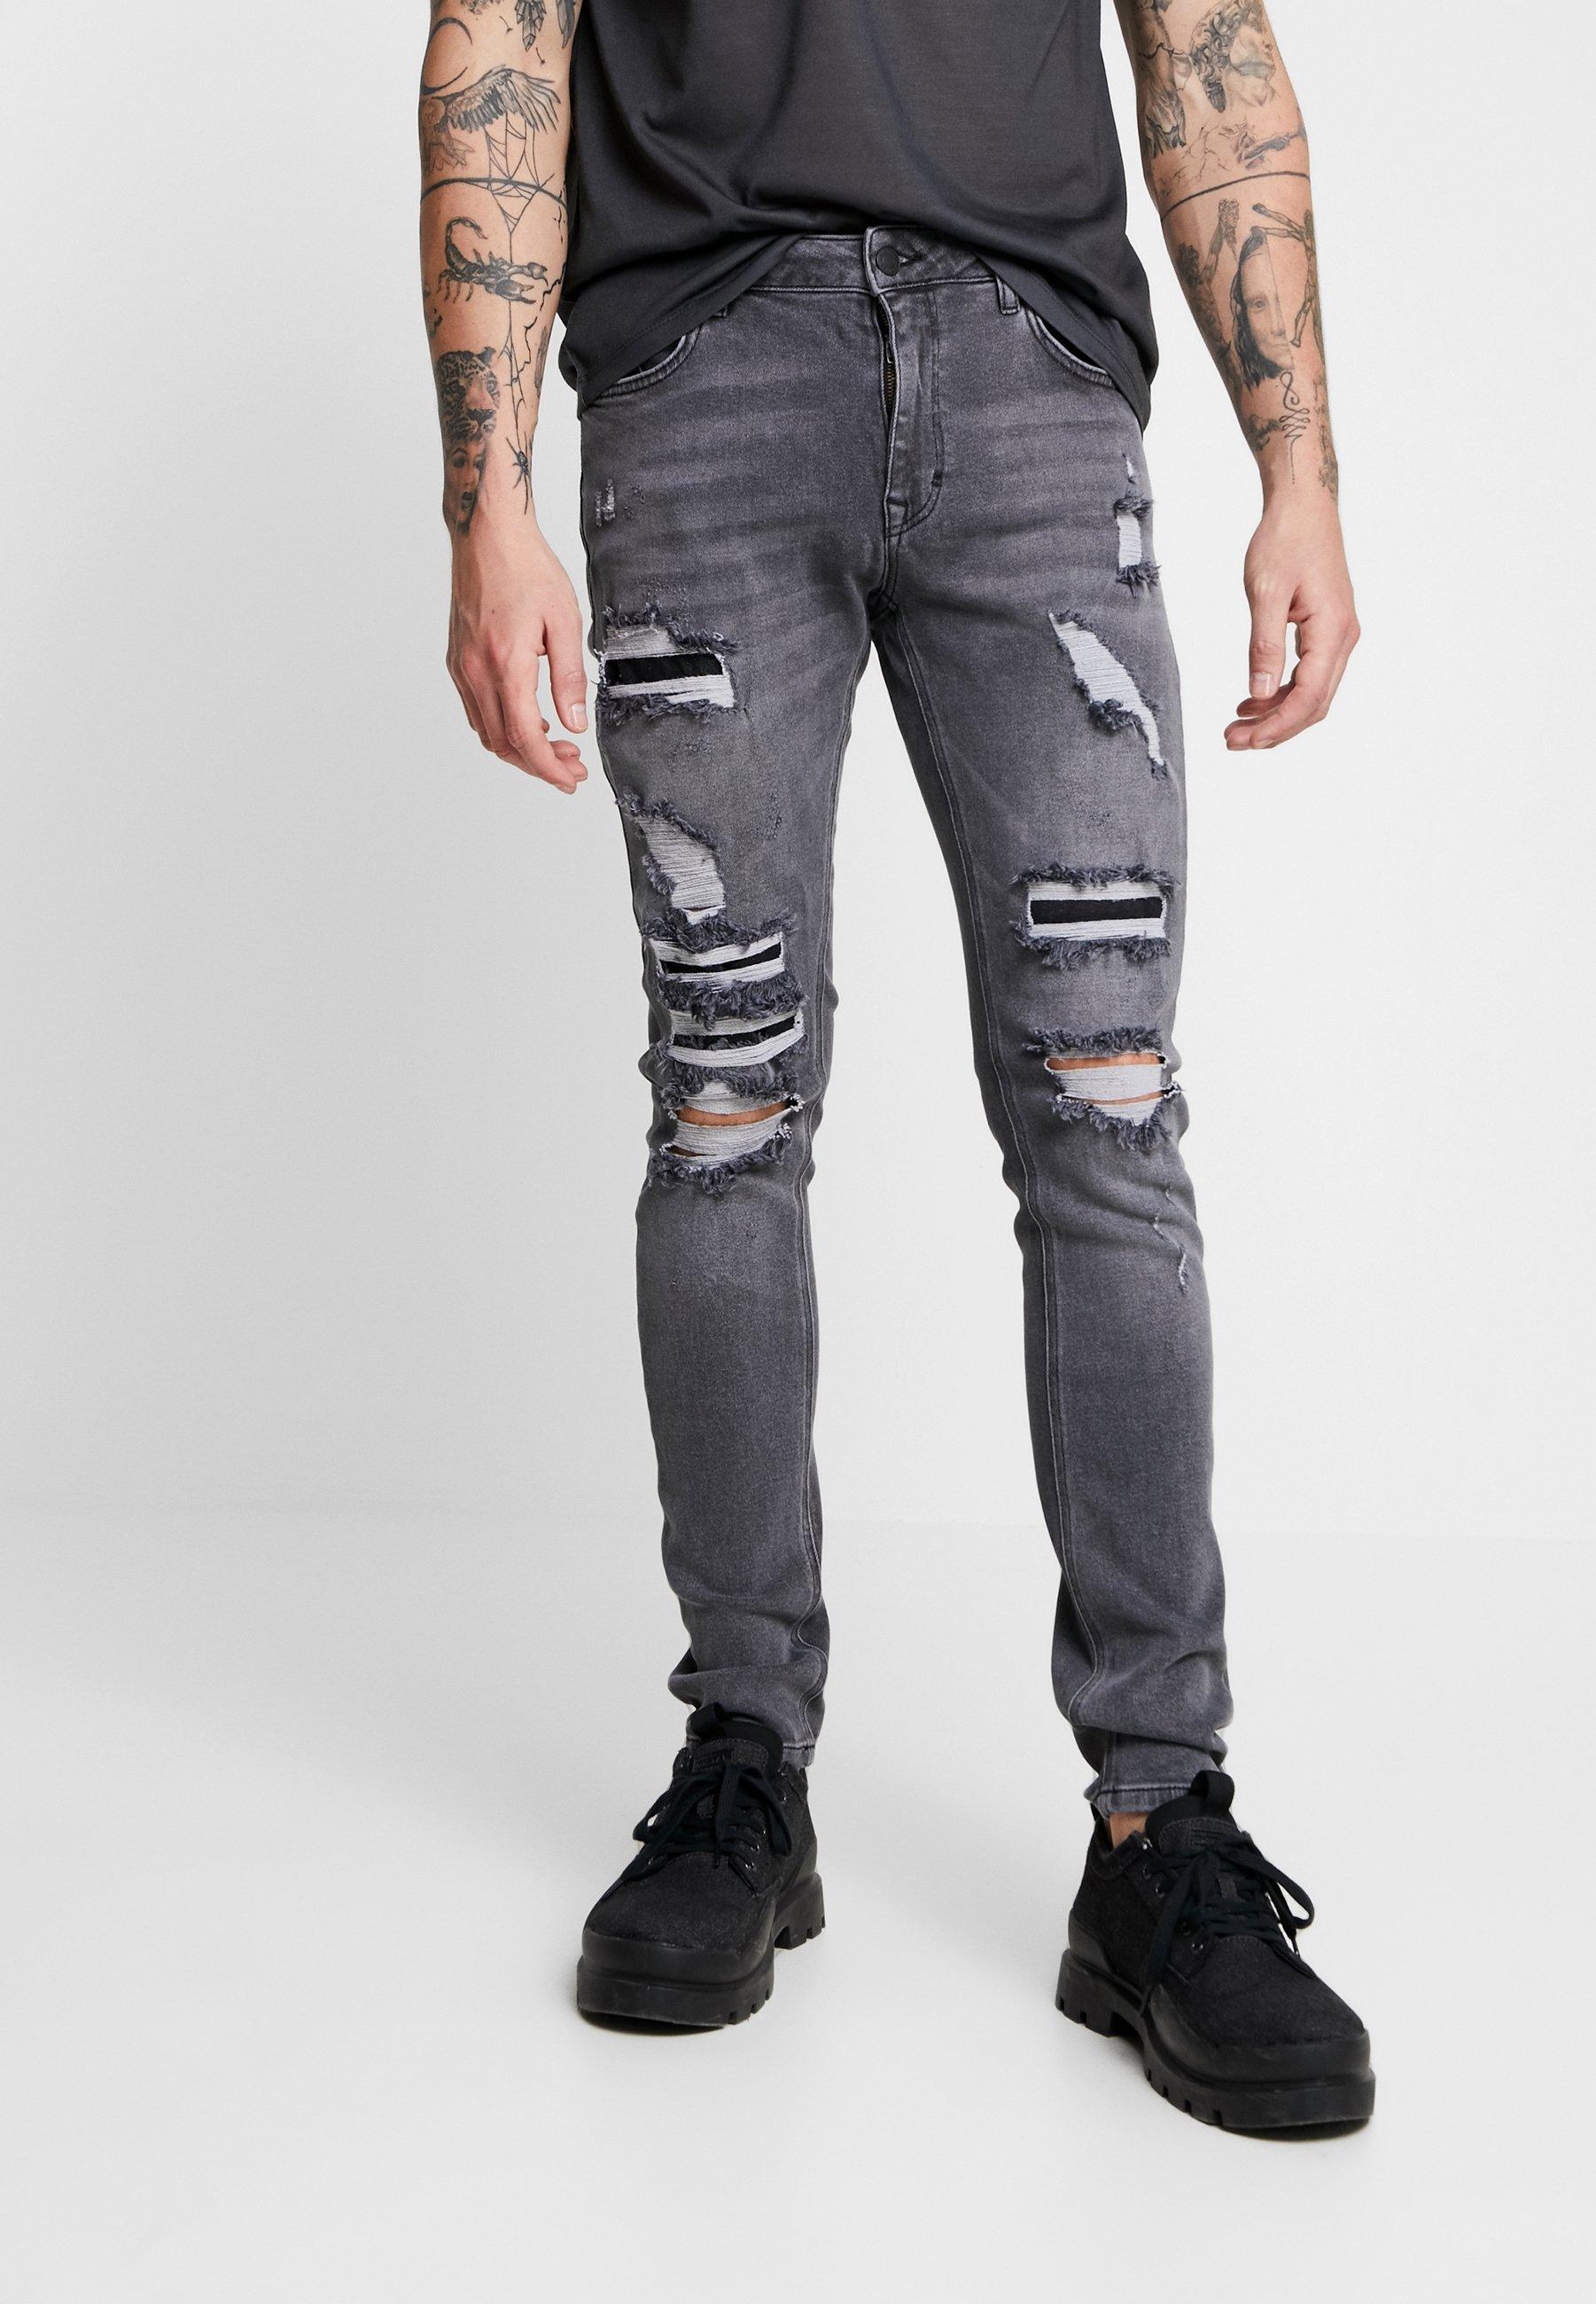 Jeans Denim Yourturn Jeans Jeans Yourturn Yourturn Jeans SkinnyBlack Denim Yourturn SkinnyBlack SkinnyBlack Denim SkinnyBlack fgyvbI76Y